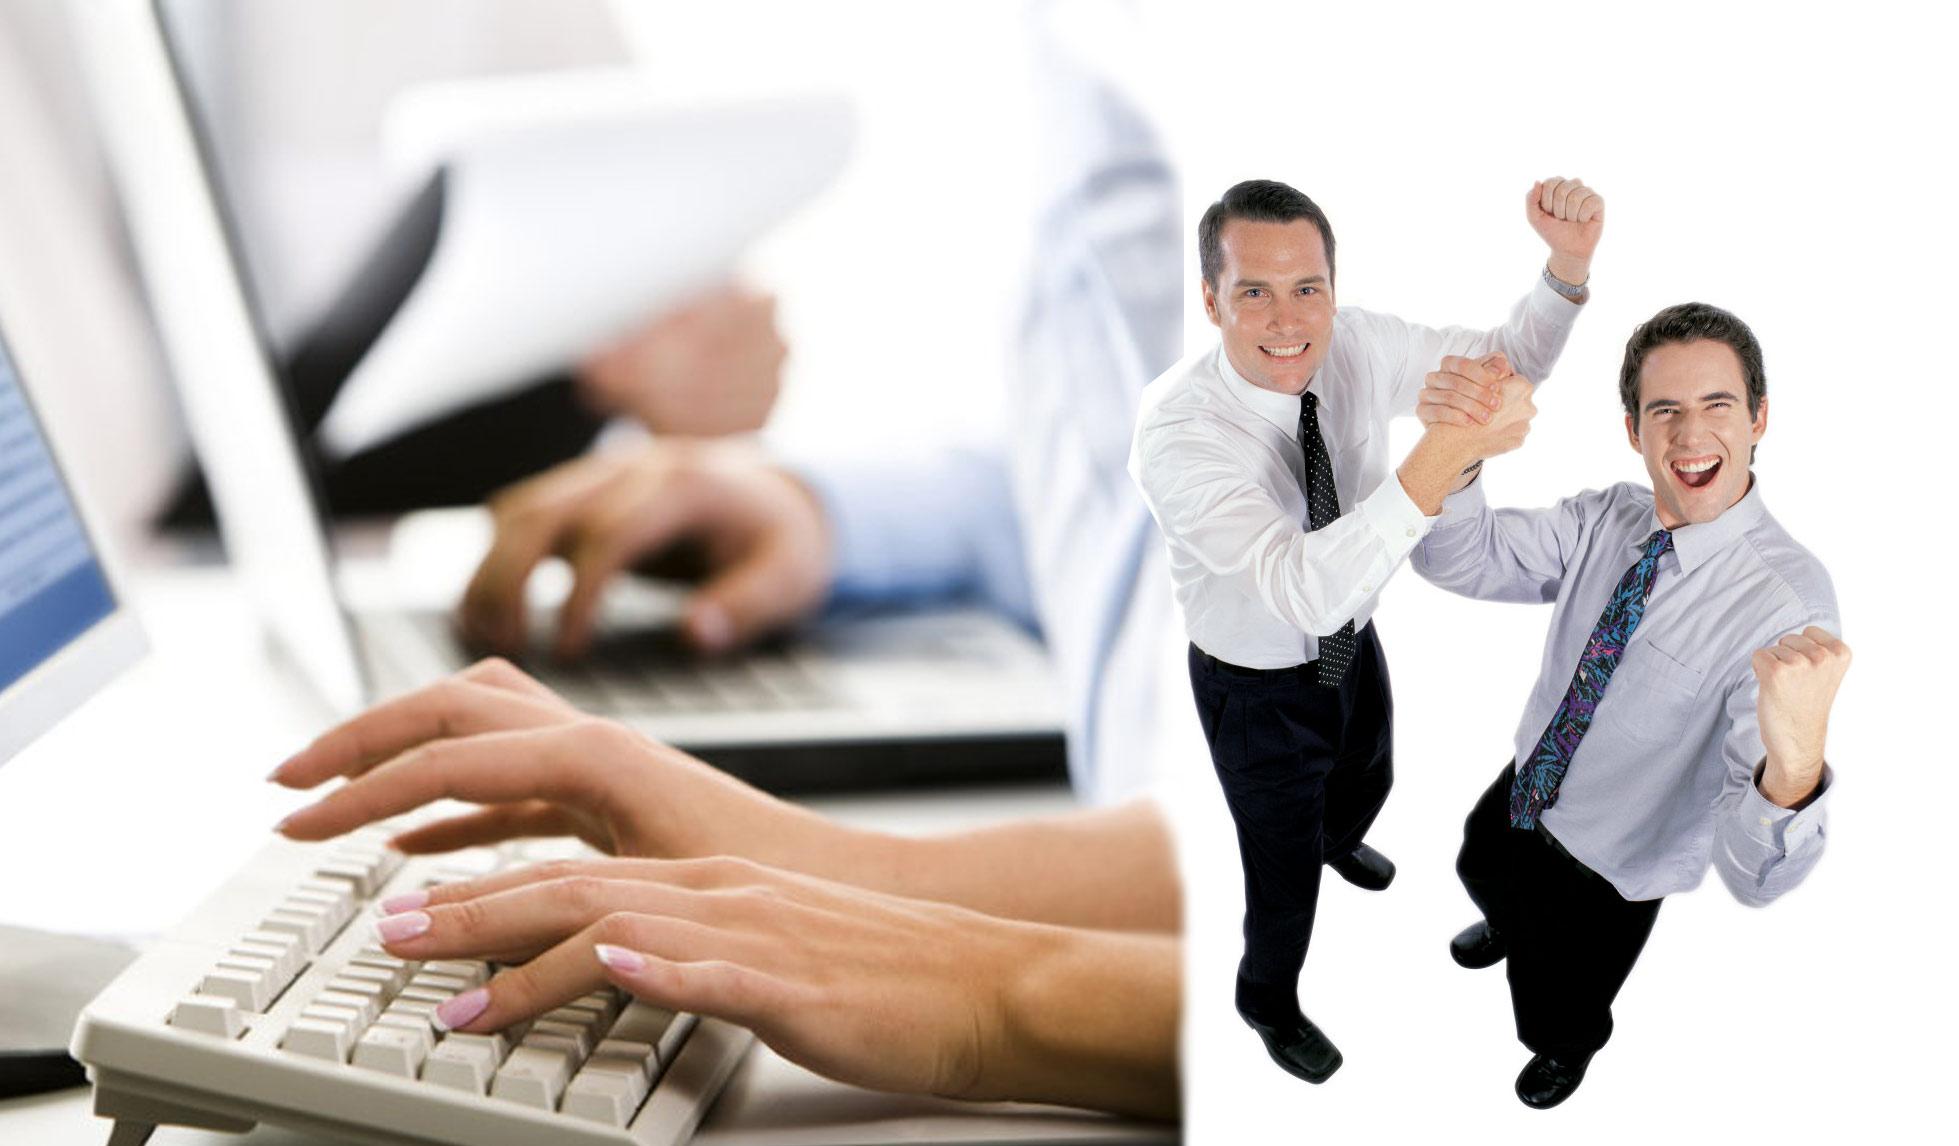 4 lợi ích tuyệt vời của mạng xã hội mà nhà tuyển dụng cần biết